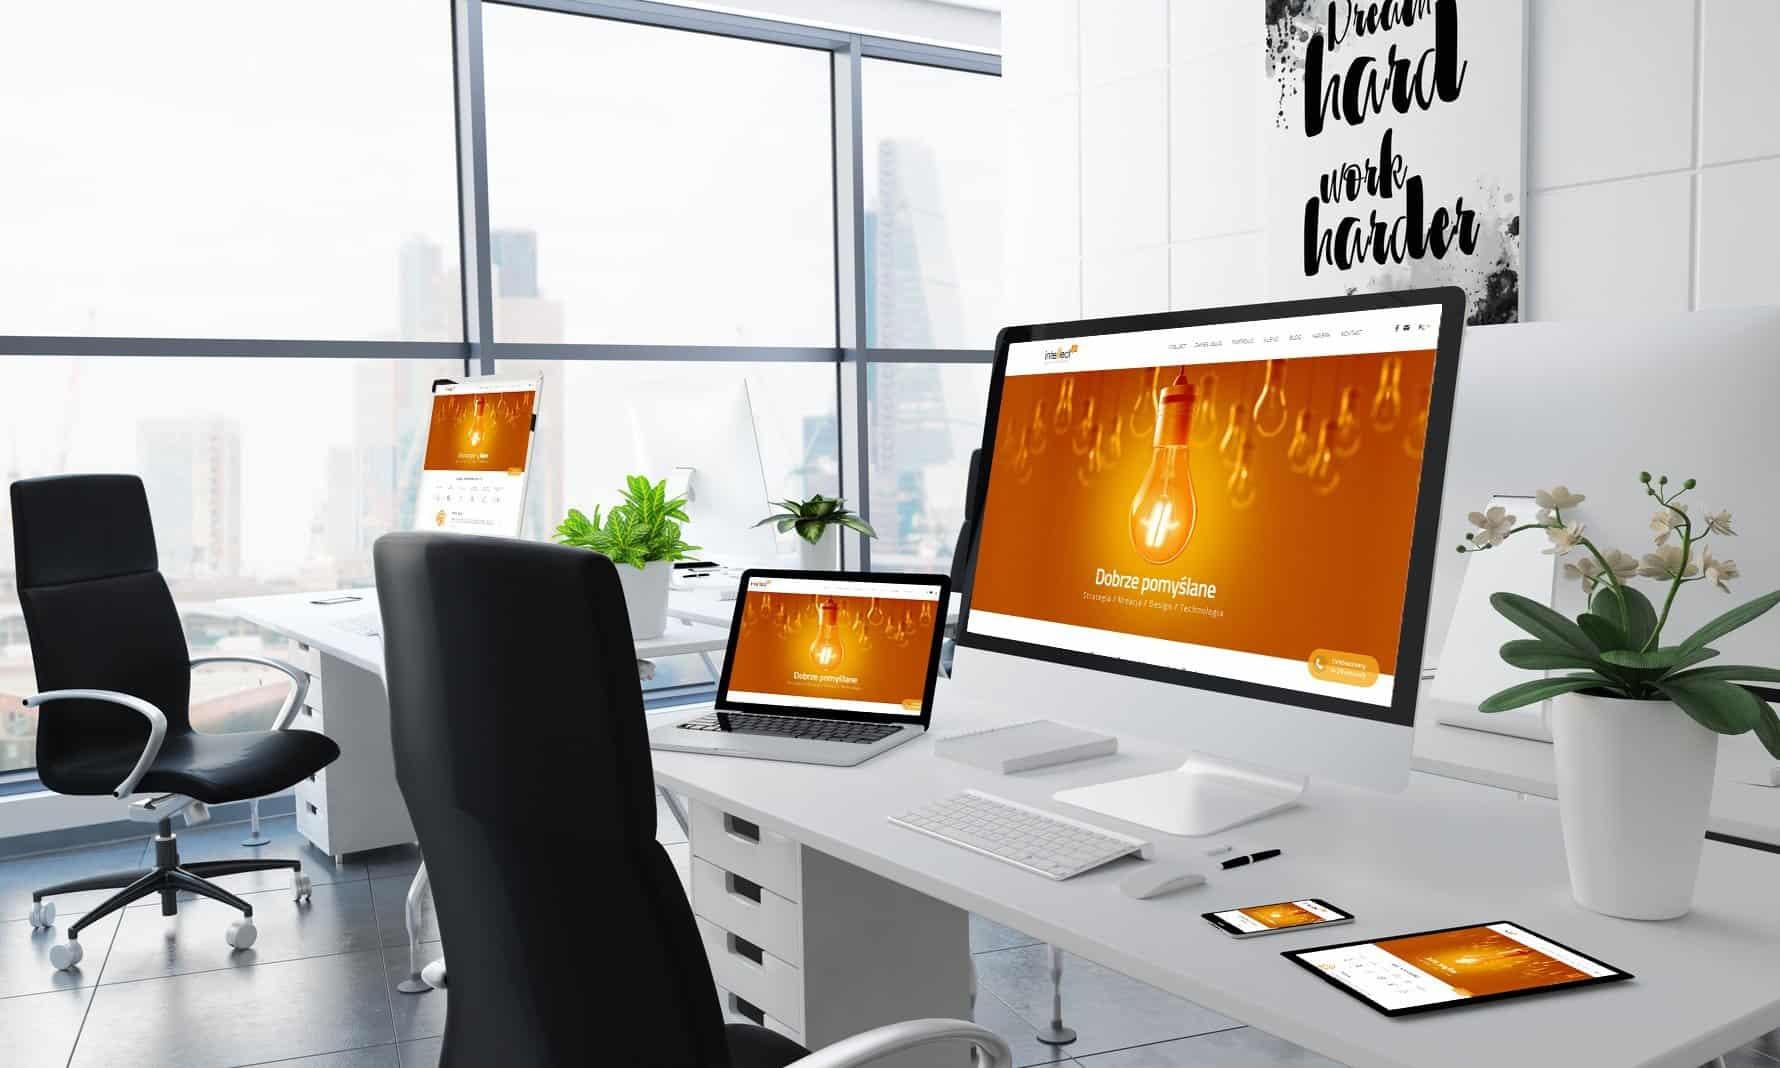 wyglad biura agencji interaktywnej